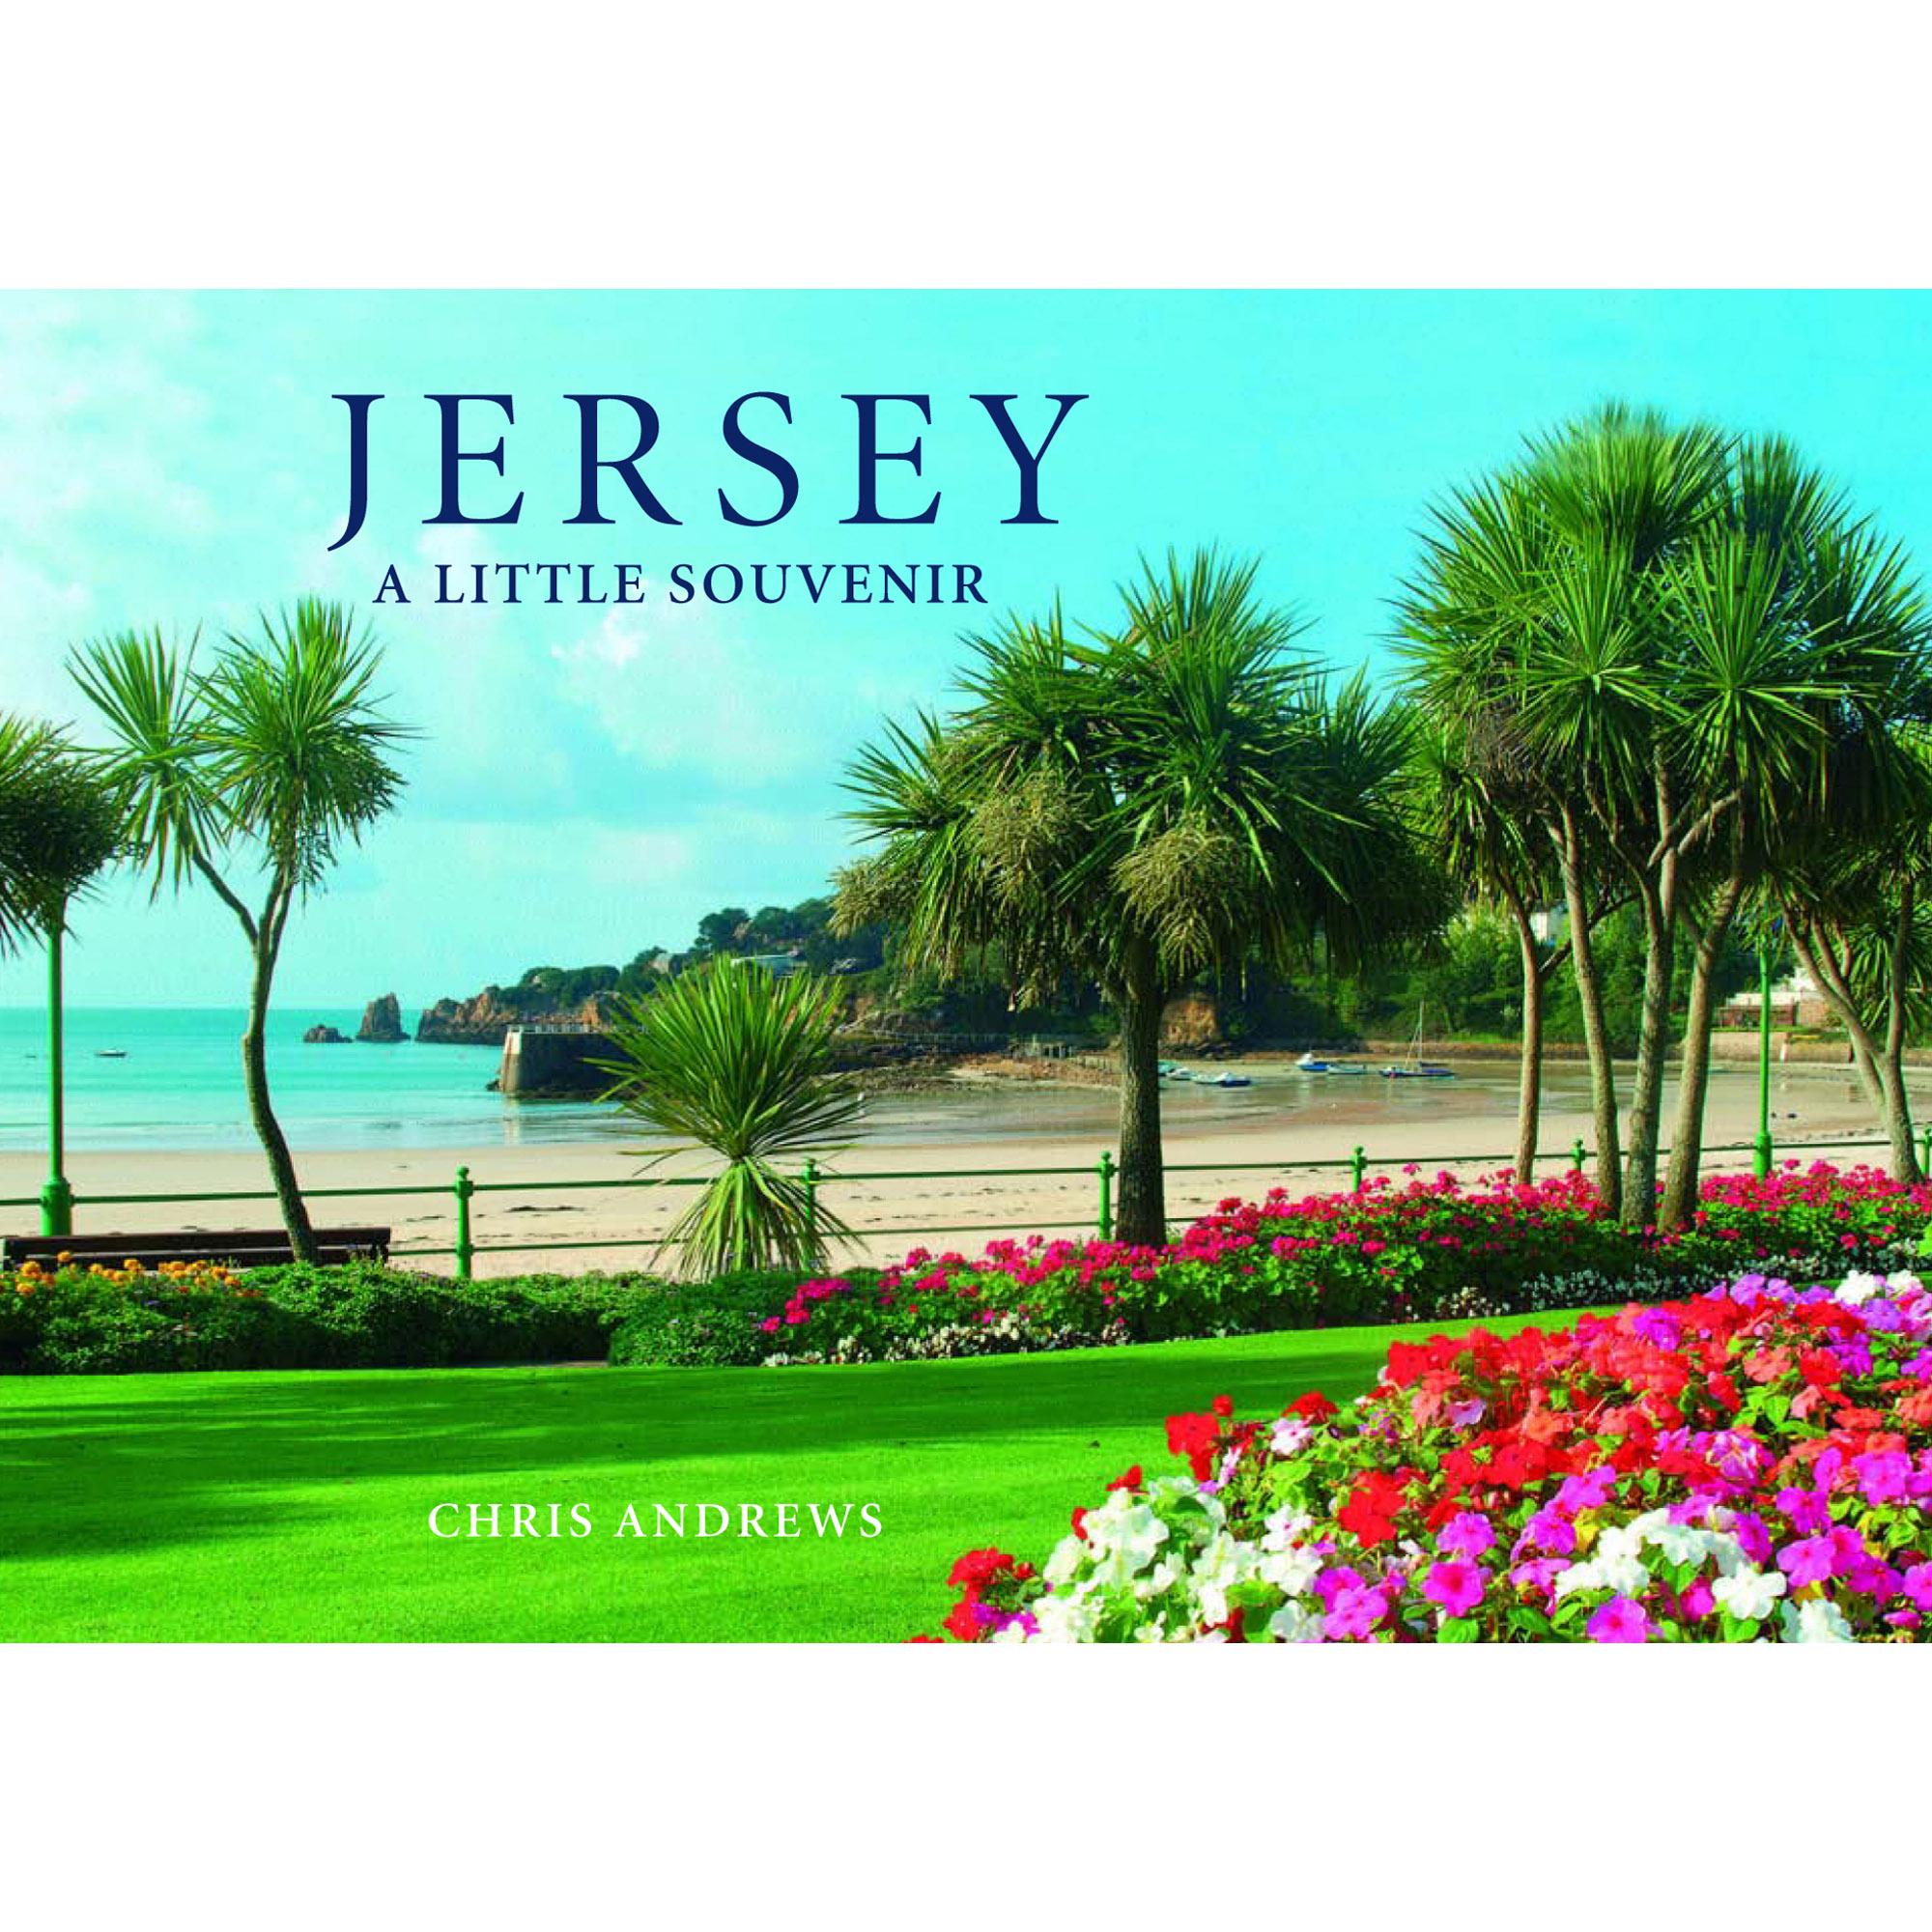 Jersey a little souvenir - front cover